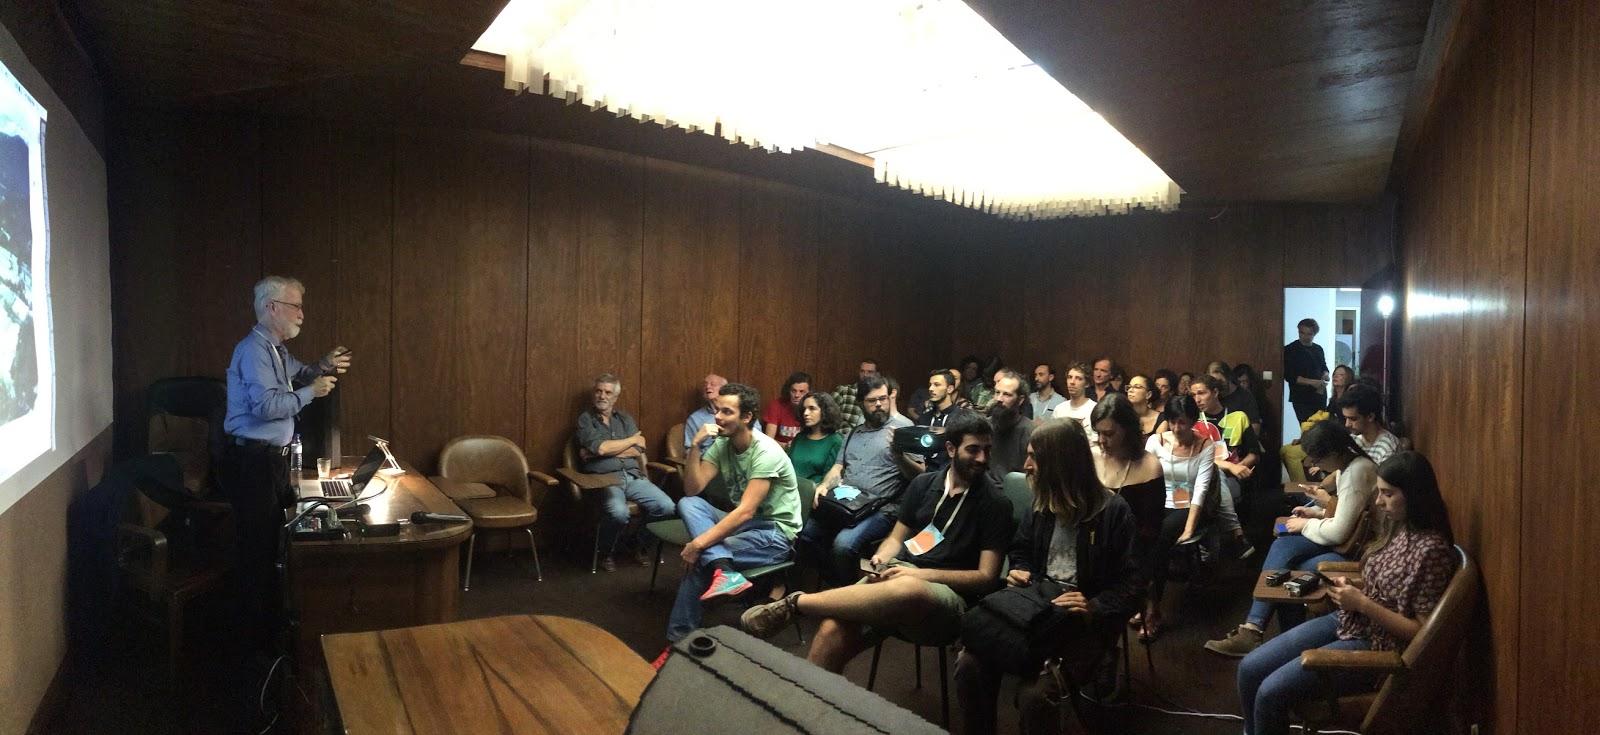 Abertura do Lisboa Incomum - Barry Truax em Conferência - Lisboa Incomum 2017